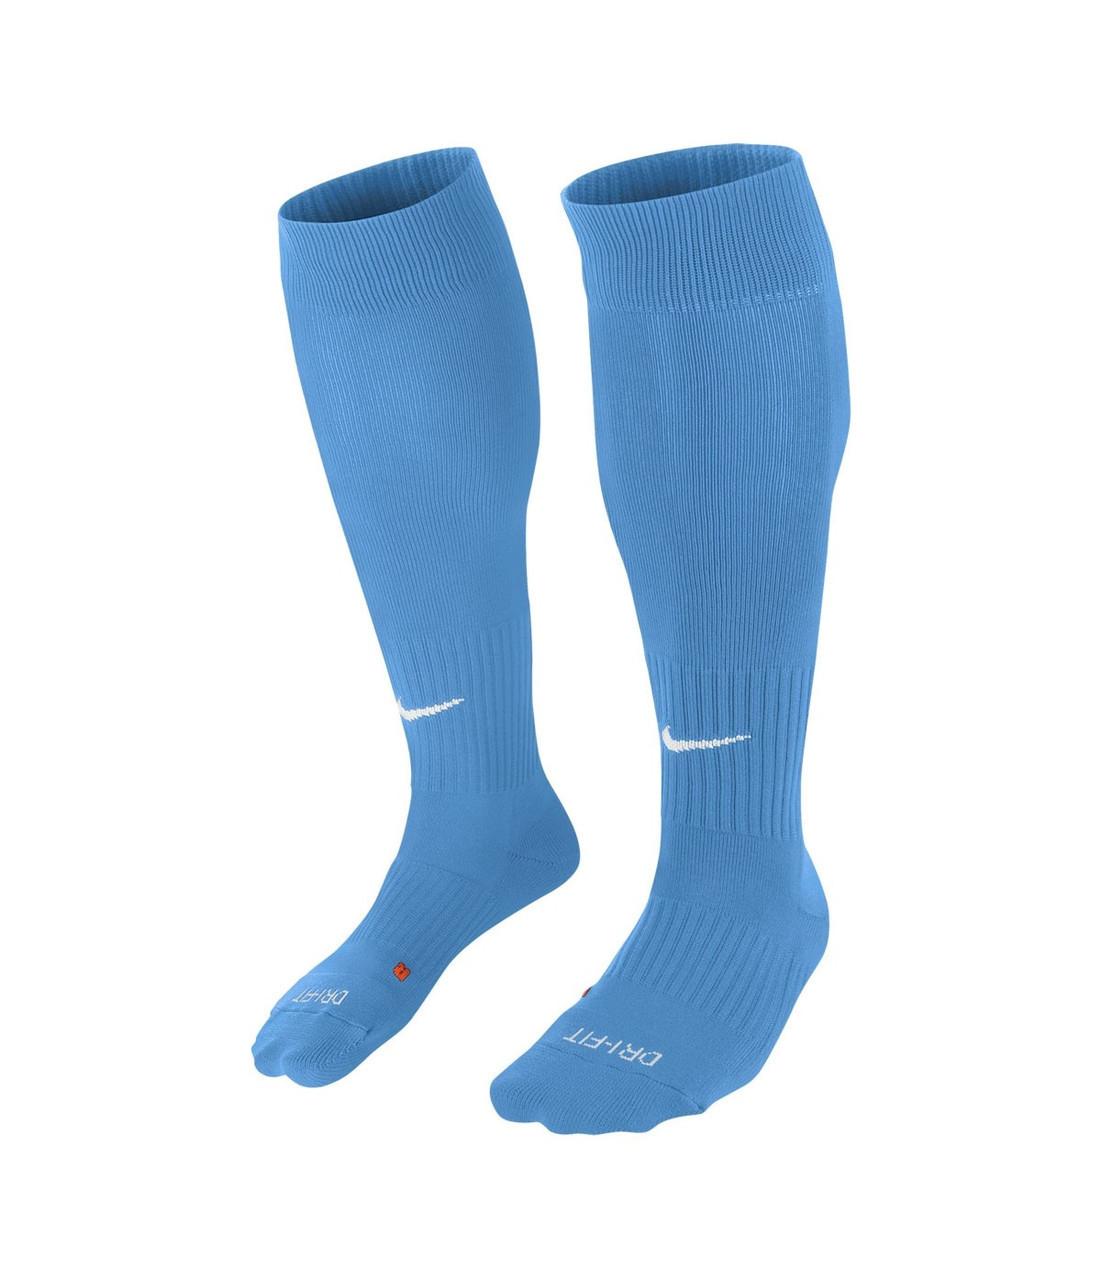 Гетры футбольные Nike Classic II Cushion SX5728-412 Голубой L (42-46) (091209553671)